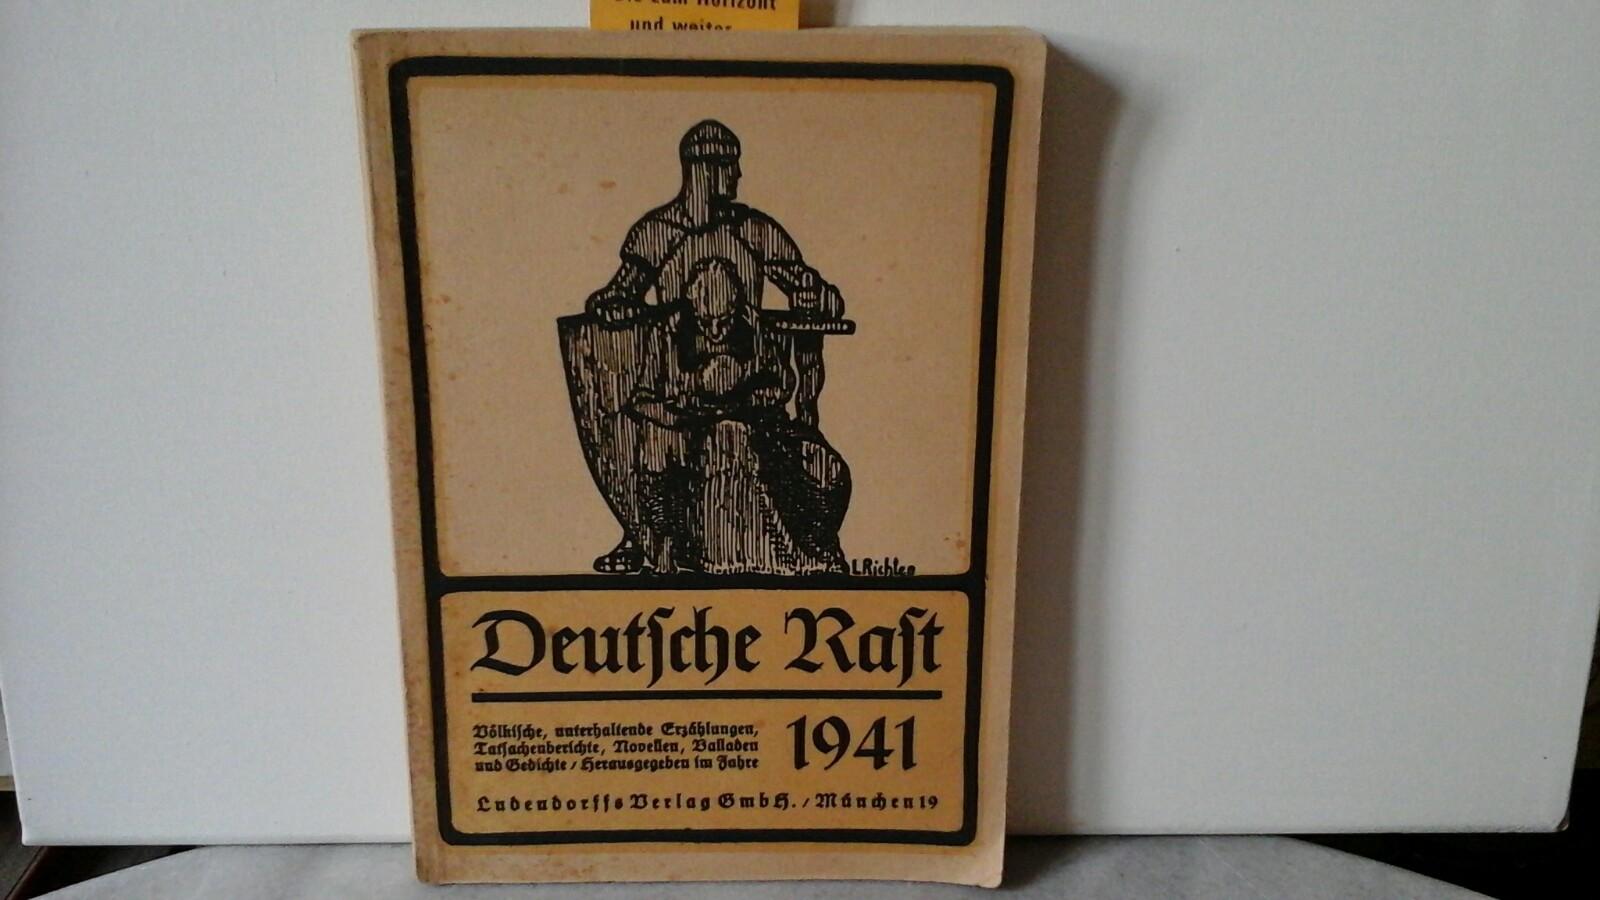 Deutsche Rast. 1941. (früher Tannenberg-Jahrbuch). Zusammengestellt von Hanno v. Kemnitz. Zeichnungen von Hans Günther Strick.